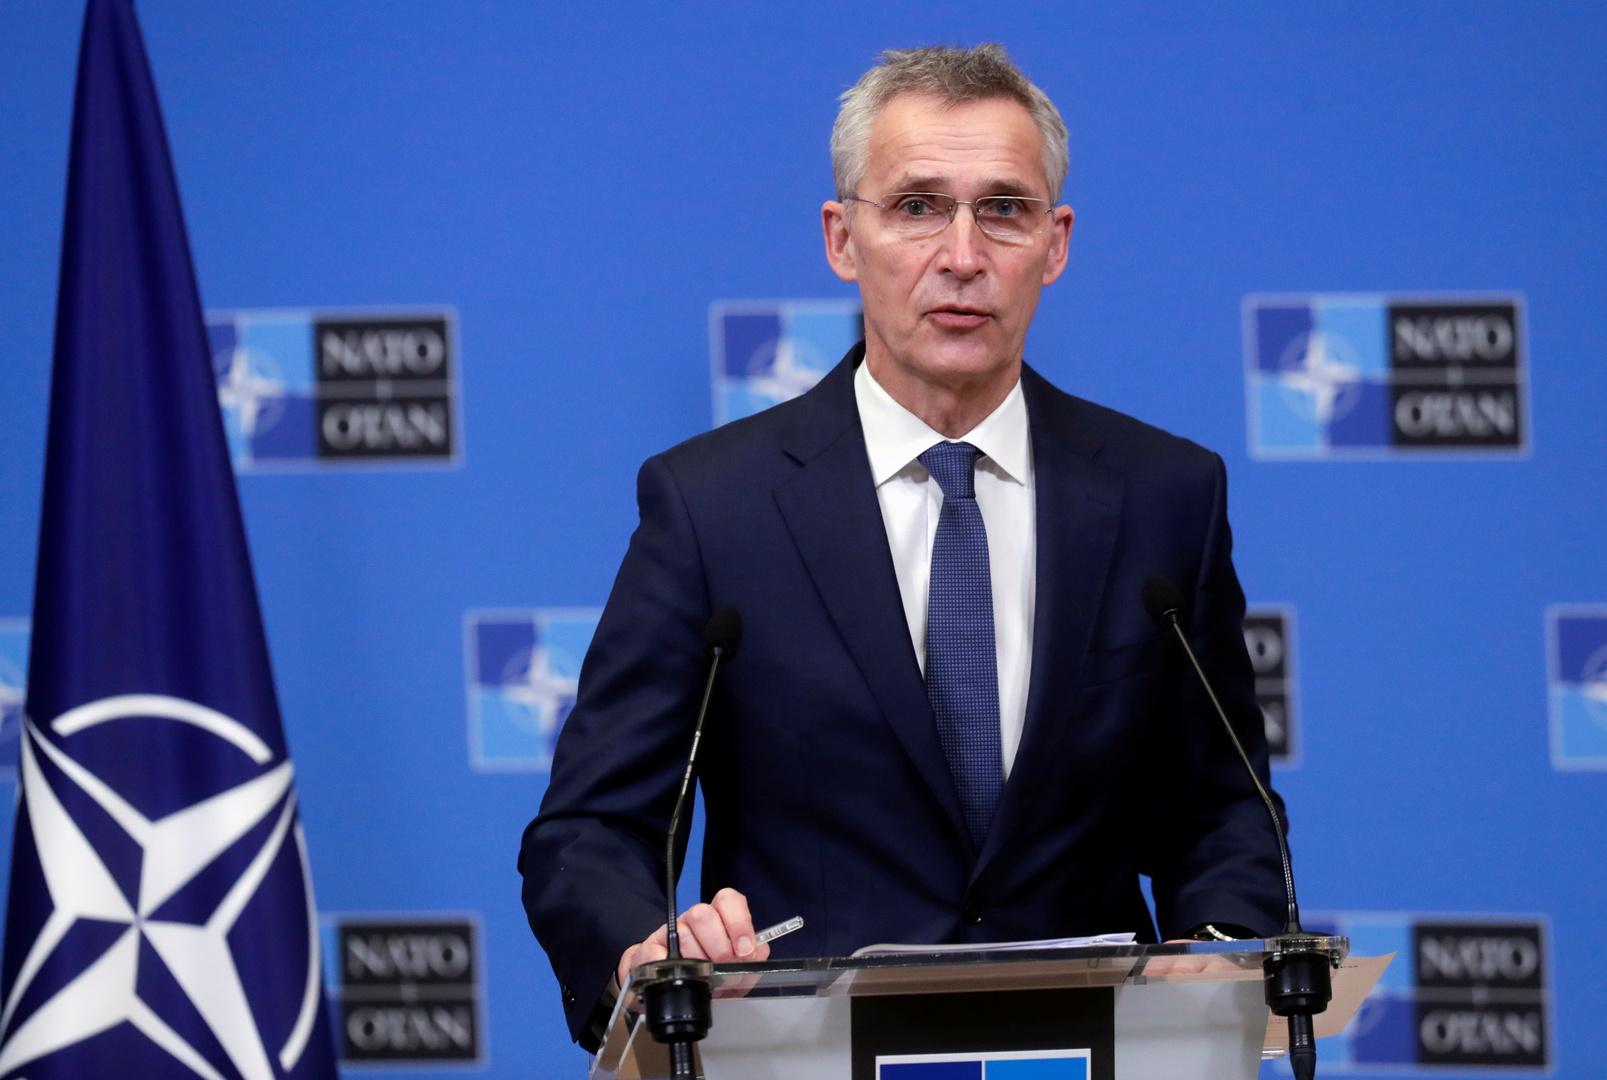 ستولتنبيرغ: لا يحق لروسيا التدخل في انضمام دول أخرى إلى الناتو